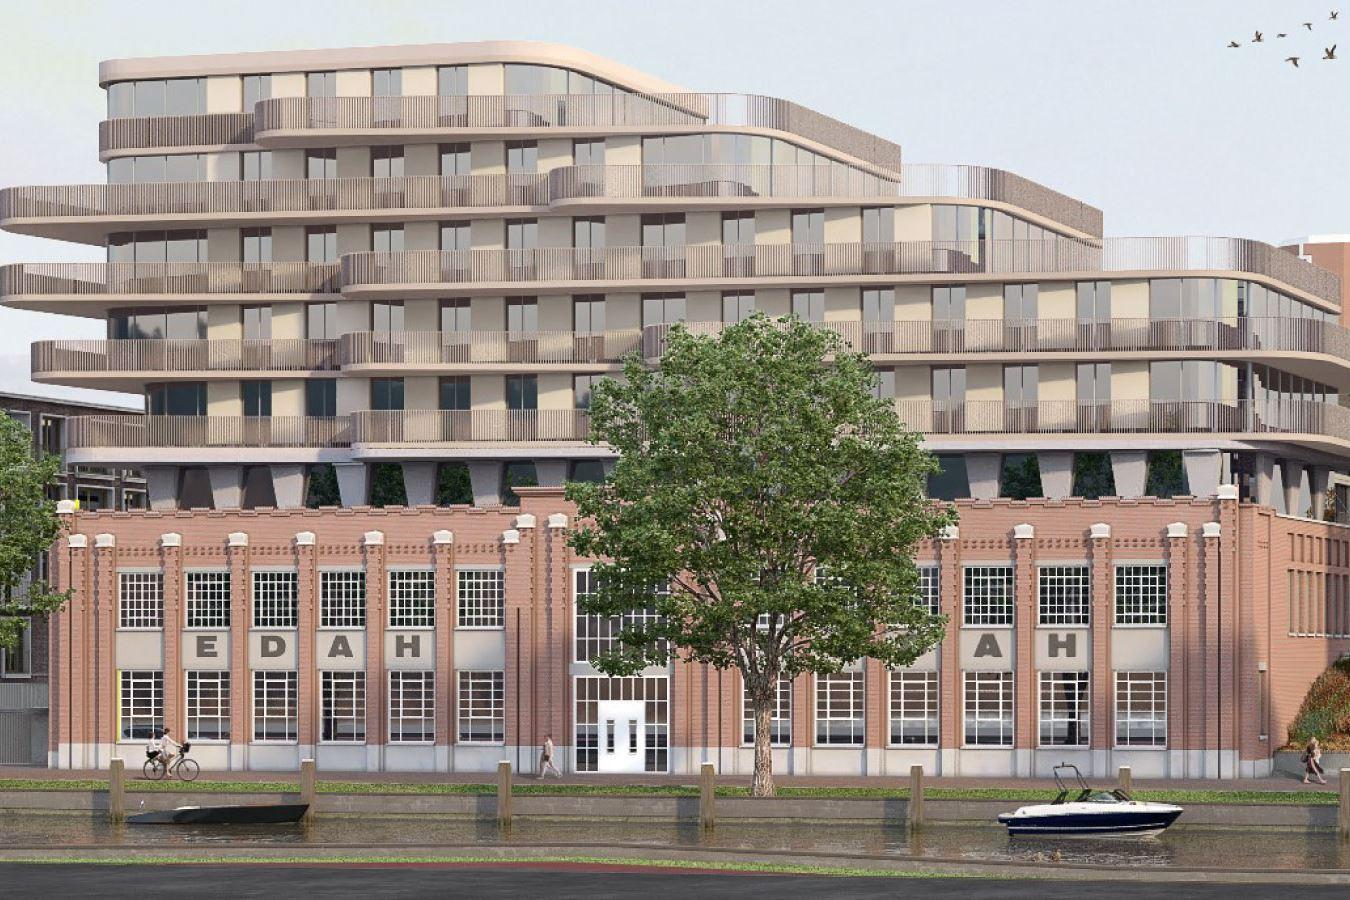 Bekijk foto 1 van E.13   Tussenappartement   E5   Oranjekade (Bouwnr. 13)